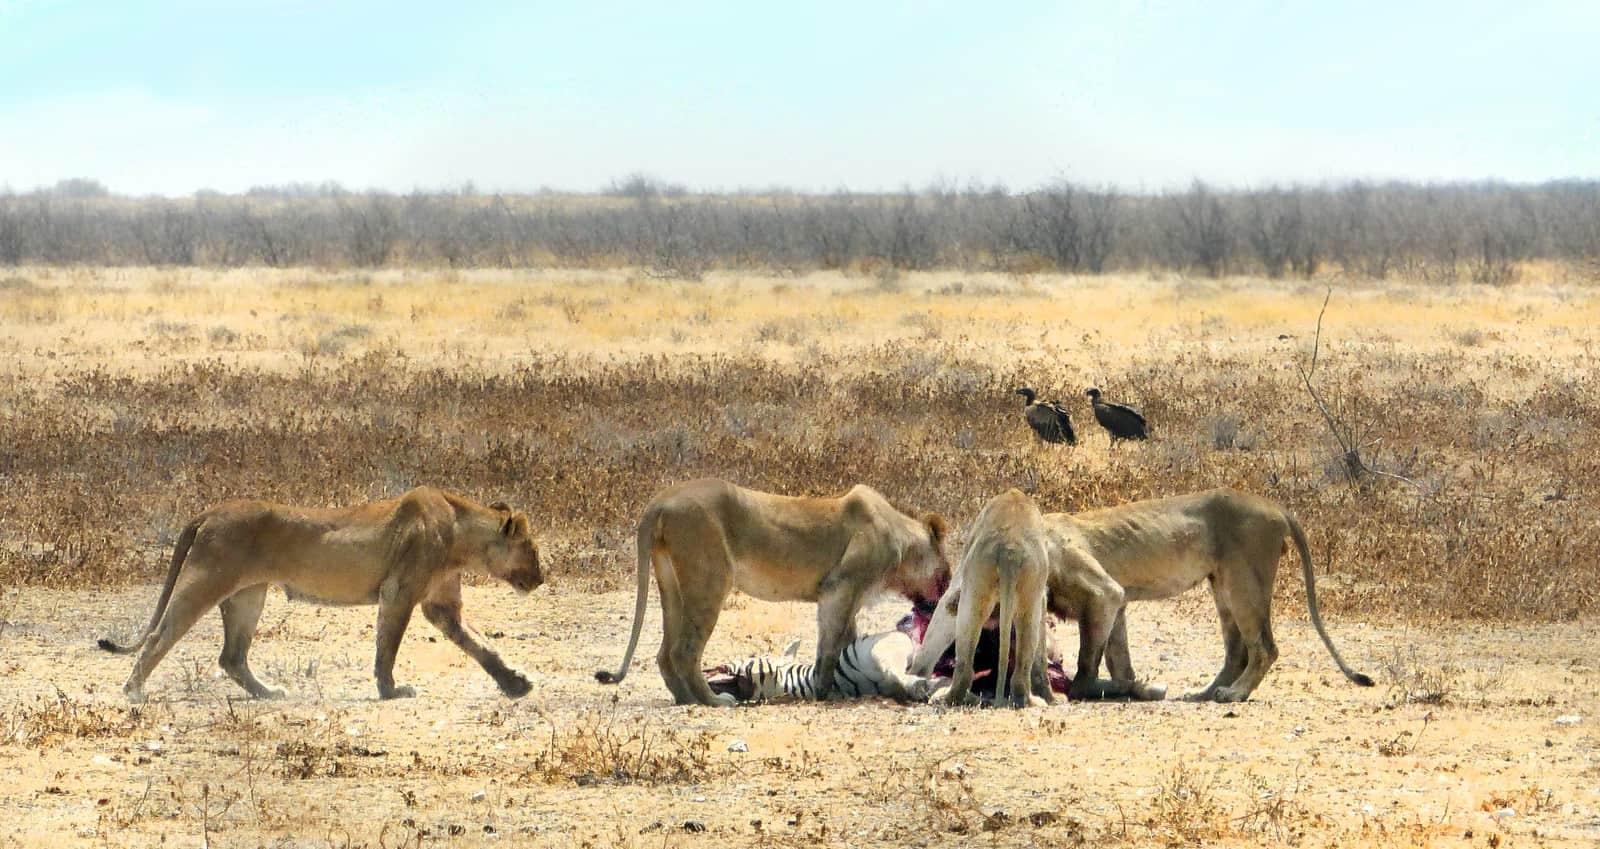 Lions eating a Zebra at Etosha, Namibia